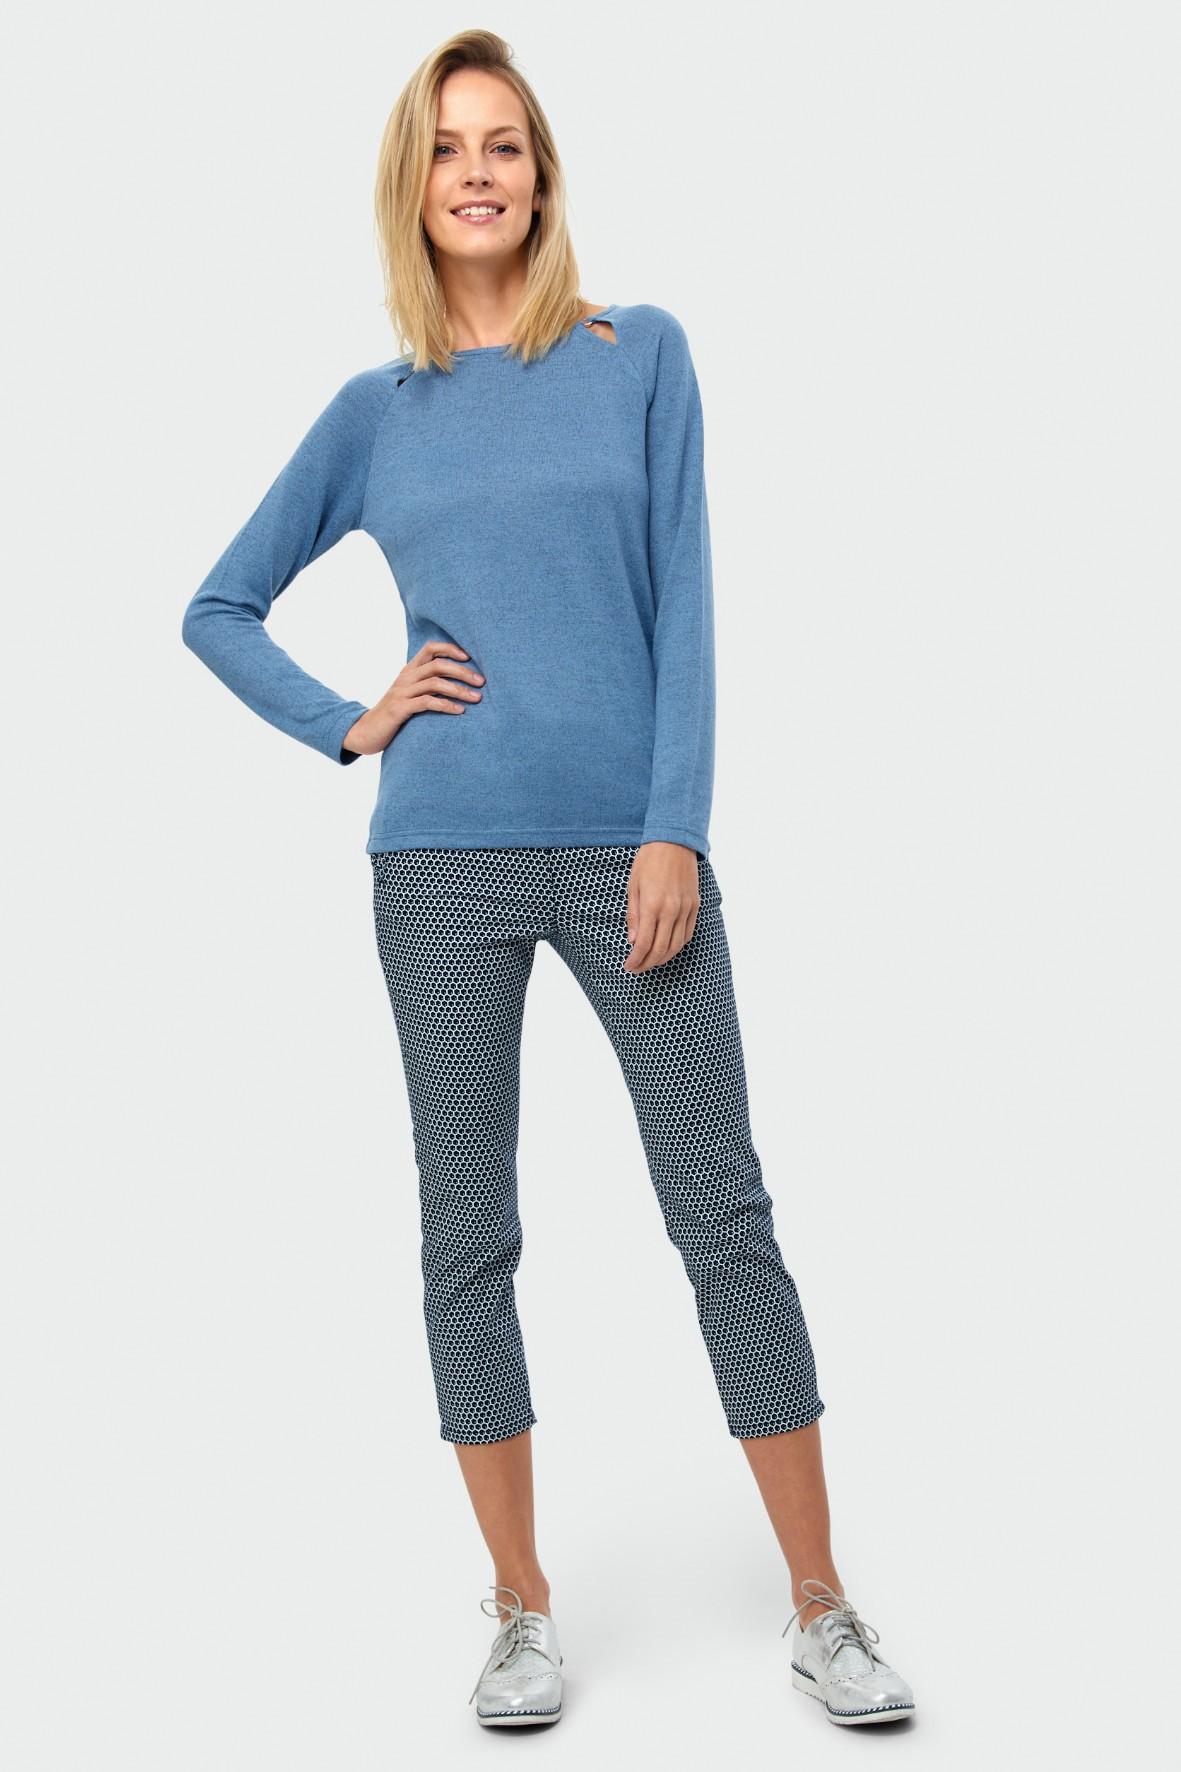 Dopasowany niebieski sweter damski z ozdobnymi wycięciami